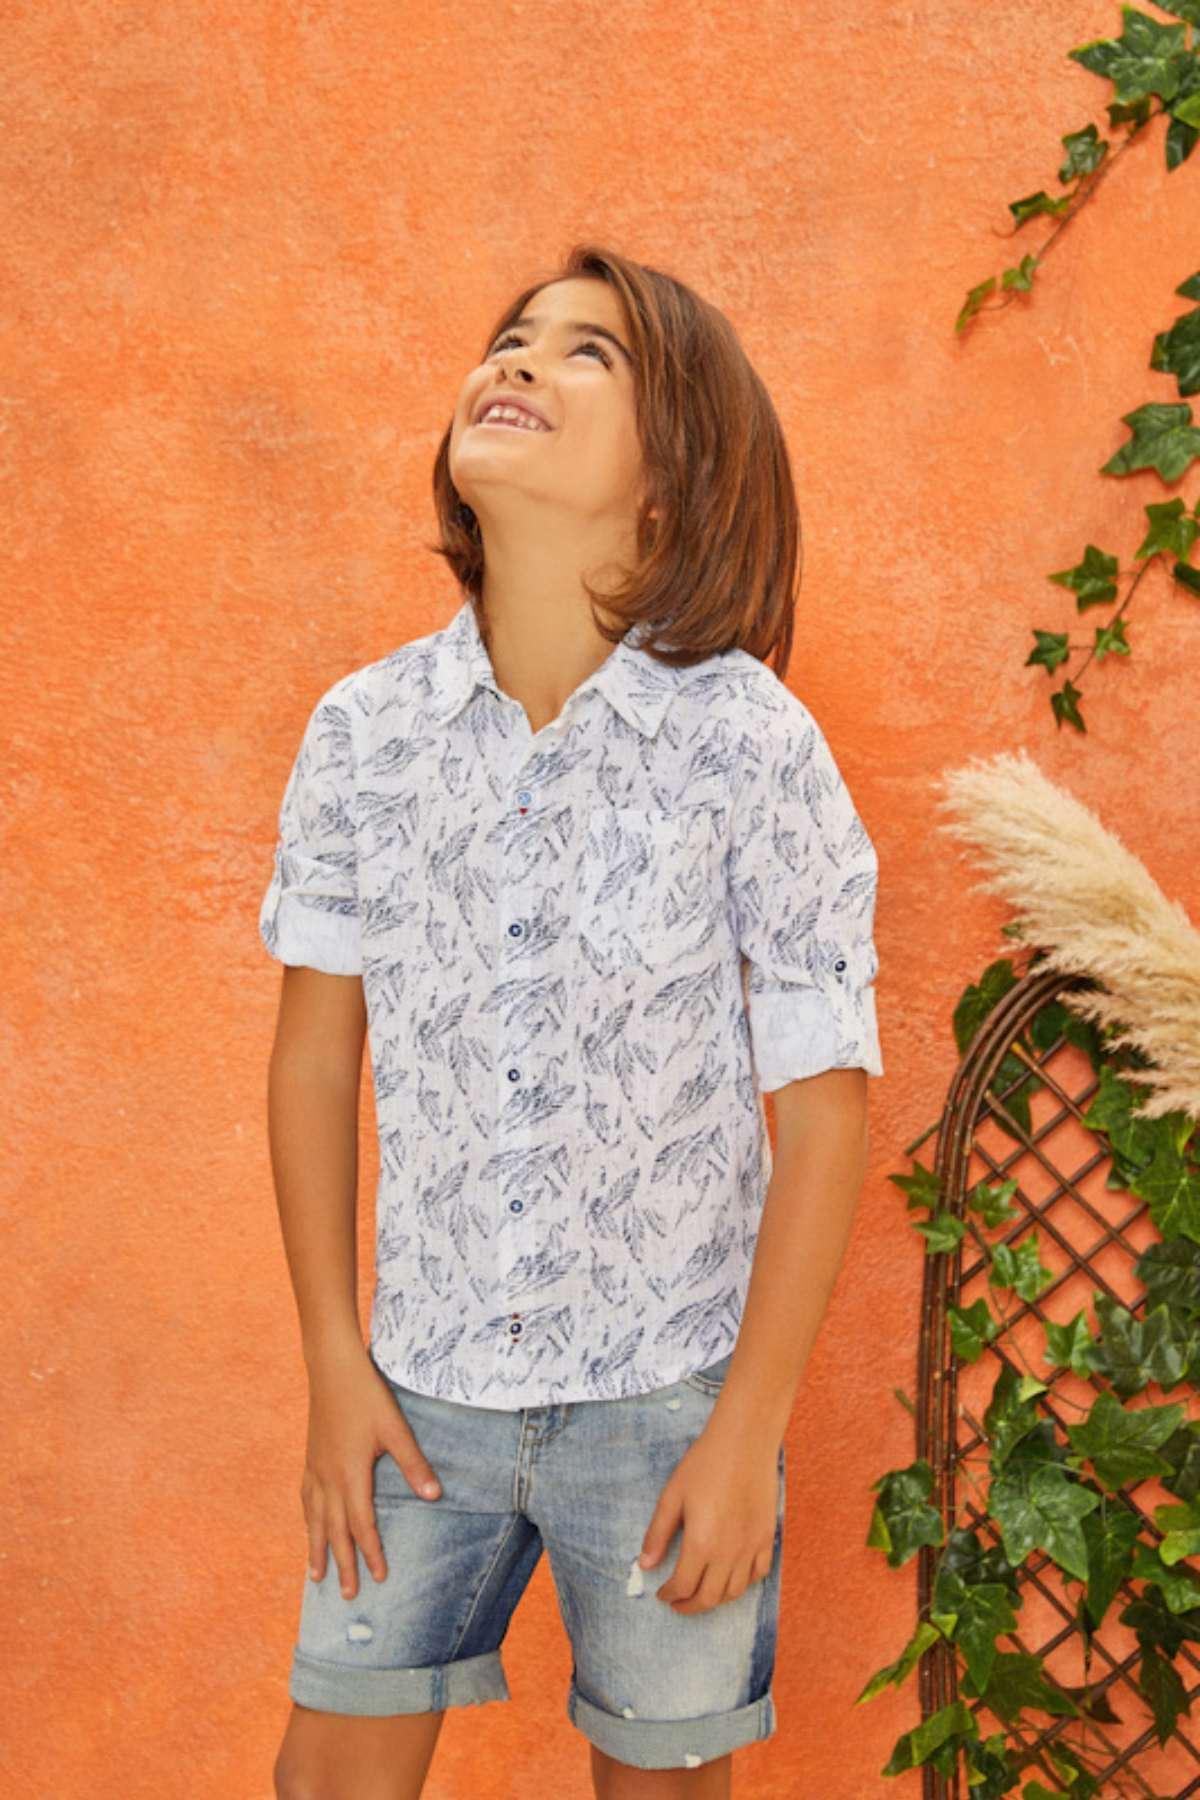 Yaprak Desen Gömlekli Erkek Çocuk Takım